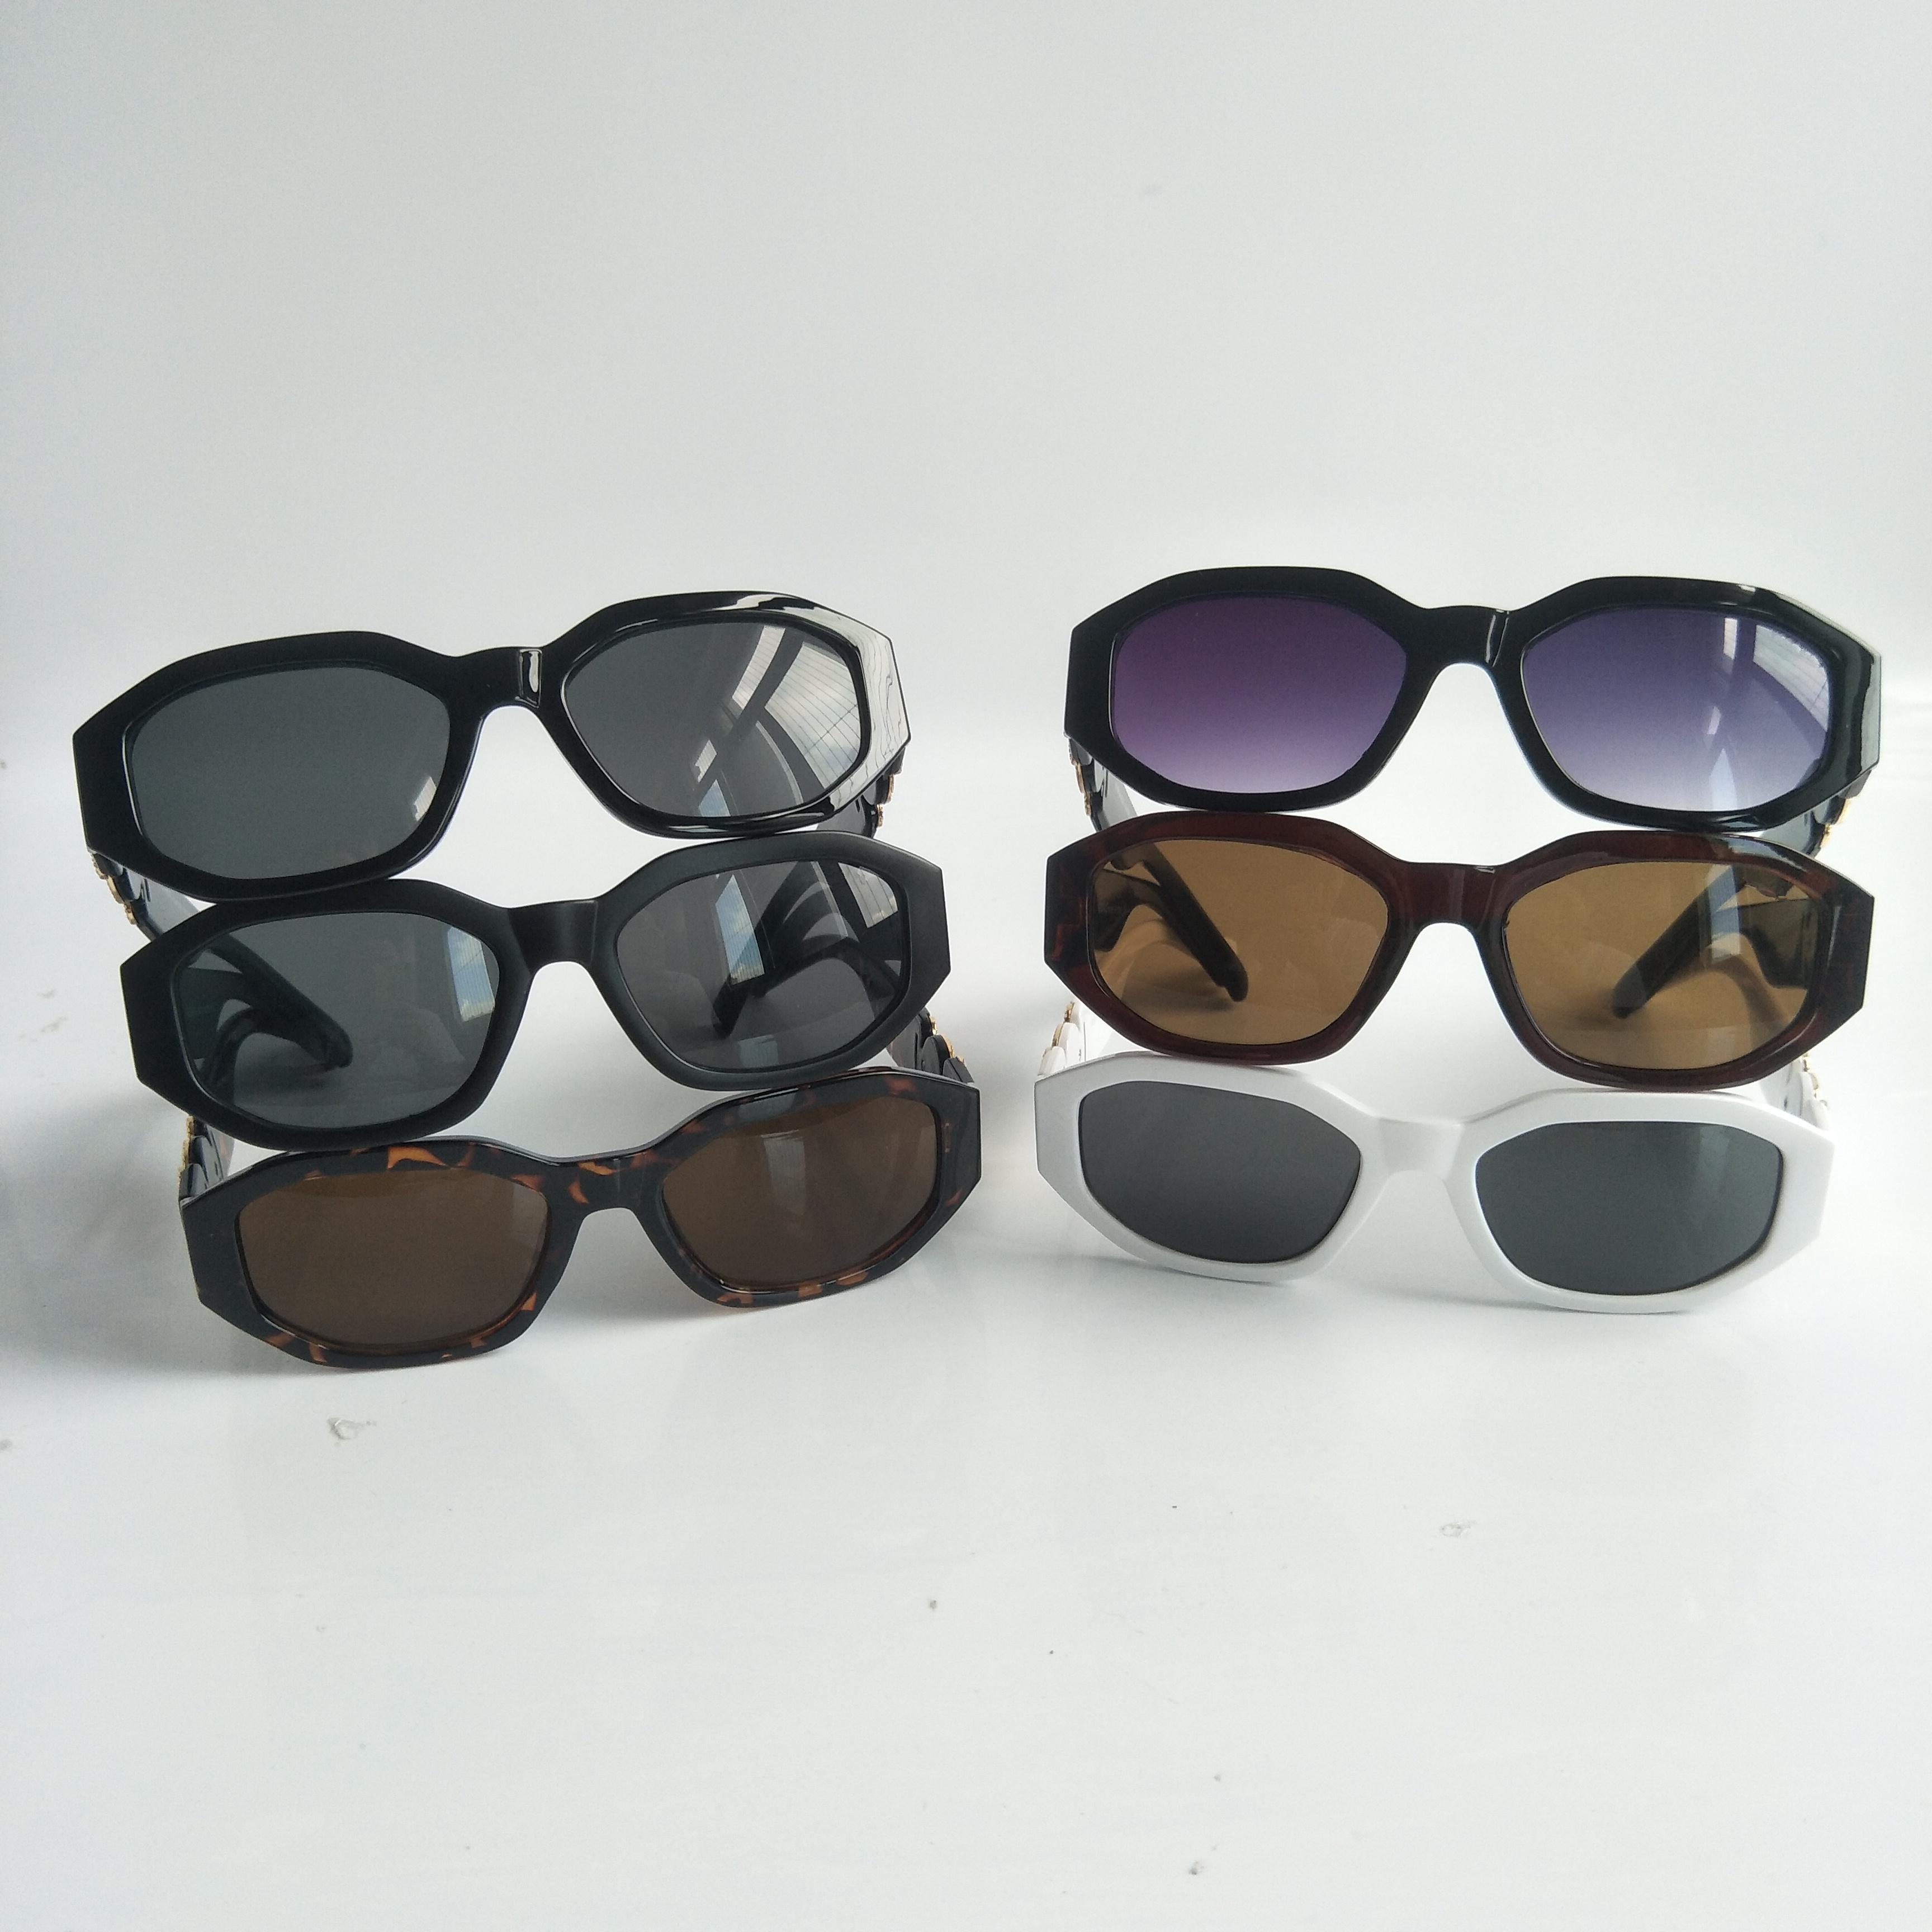 남성 불규칙한 작은 프레임 선글라스 숙녀 디자이너 안경 패션 안경 상자 및 케이스 10 색